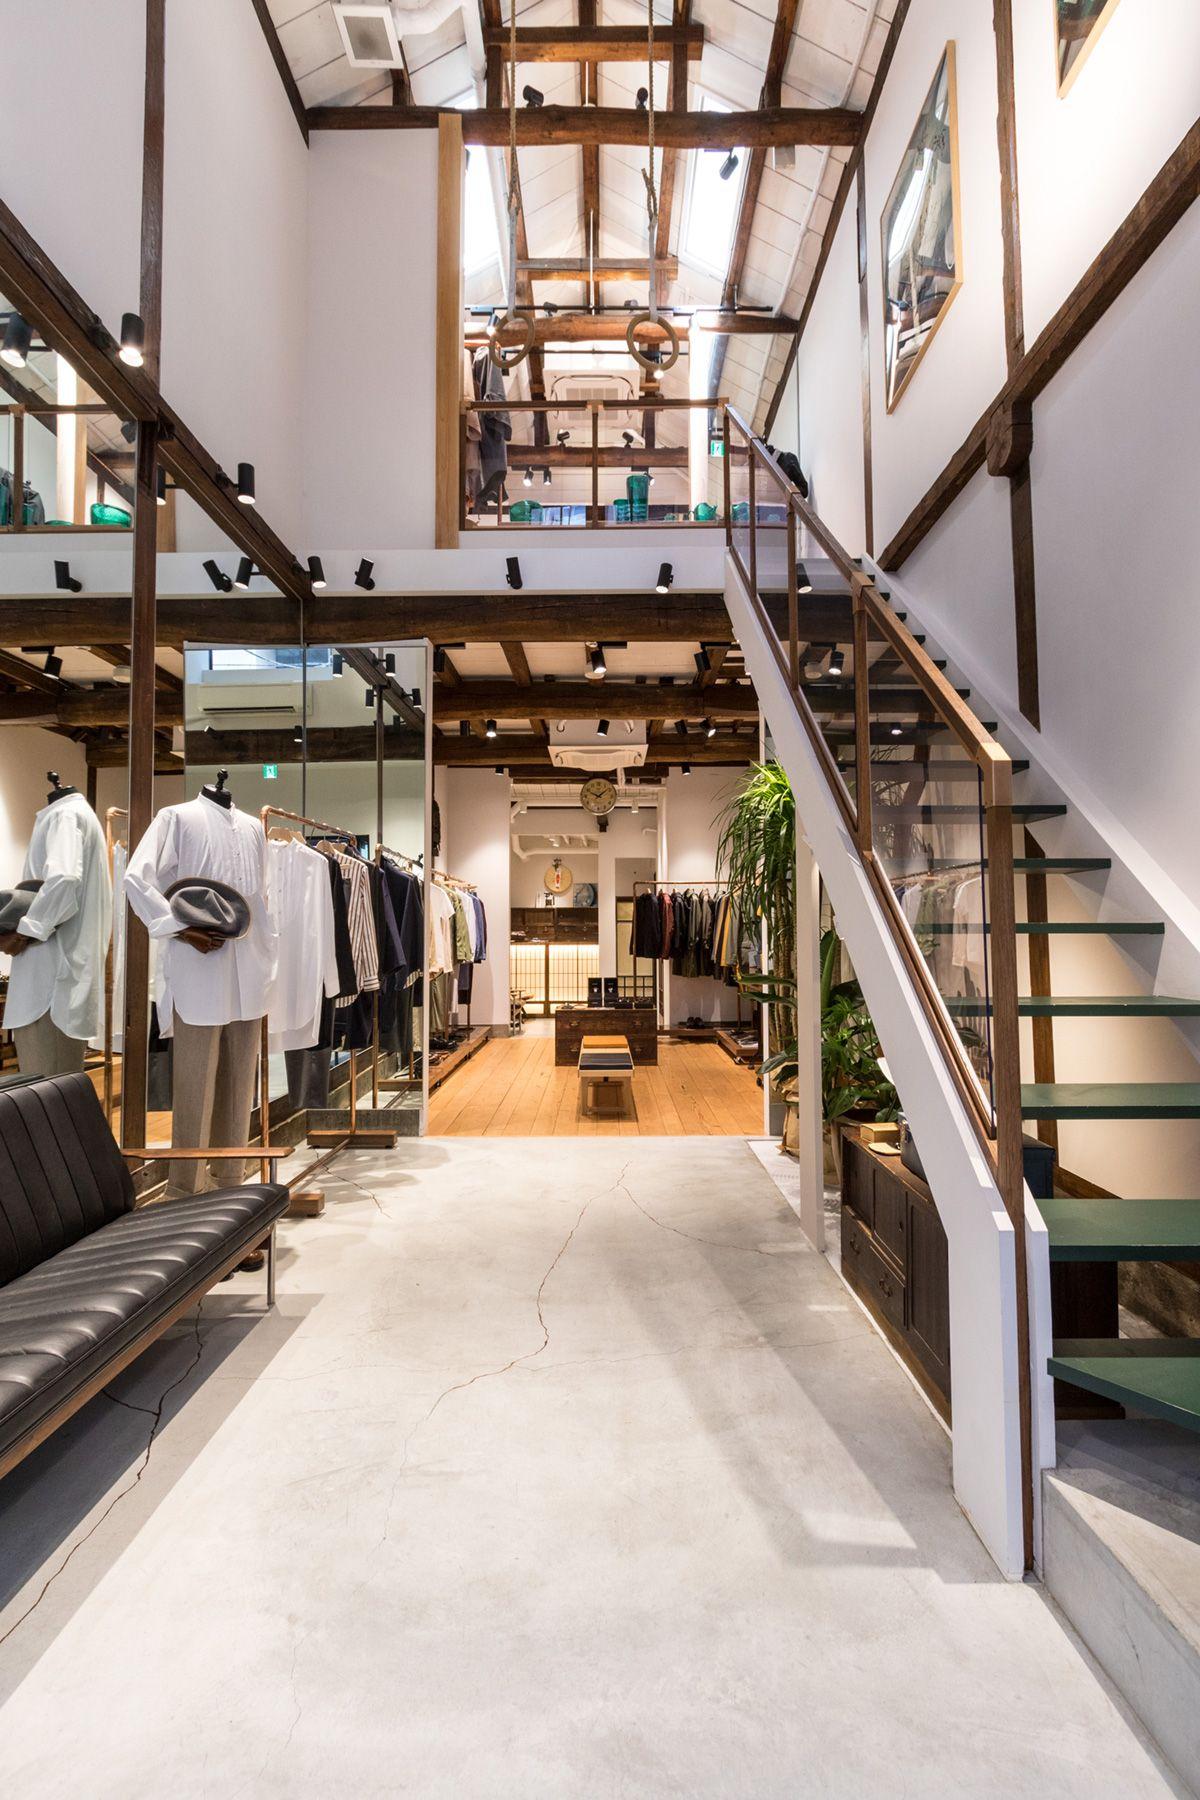 ノルウェージャン・レイン&T-マイケル東京ストア (shop)1Fから2Fへの階段